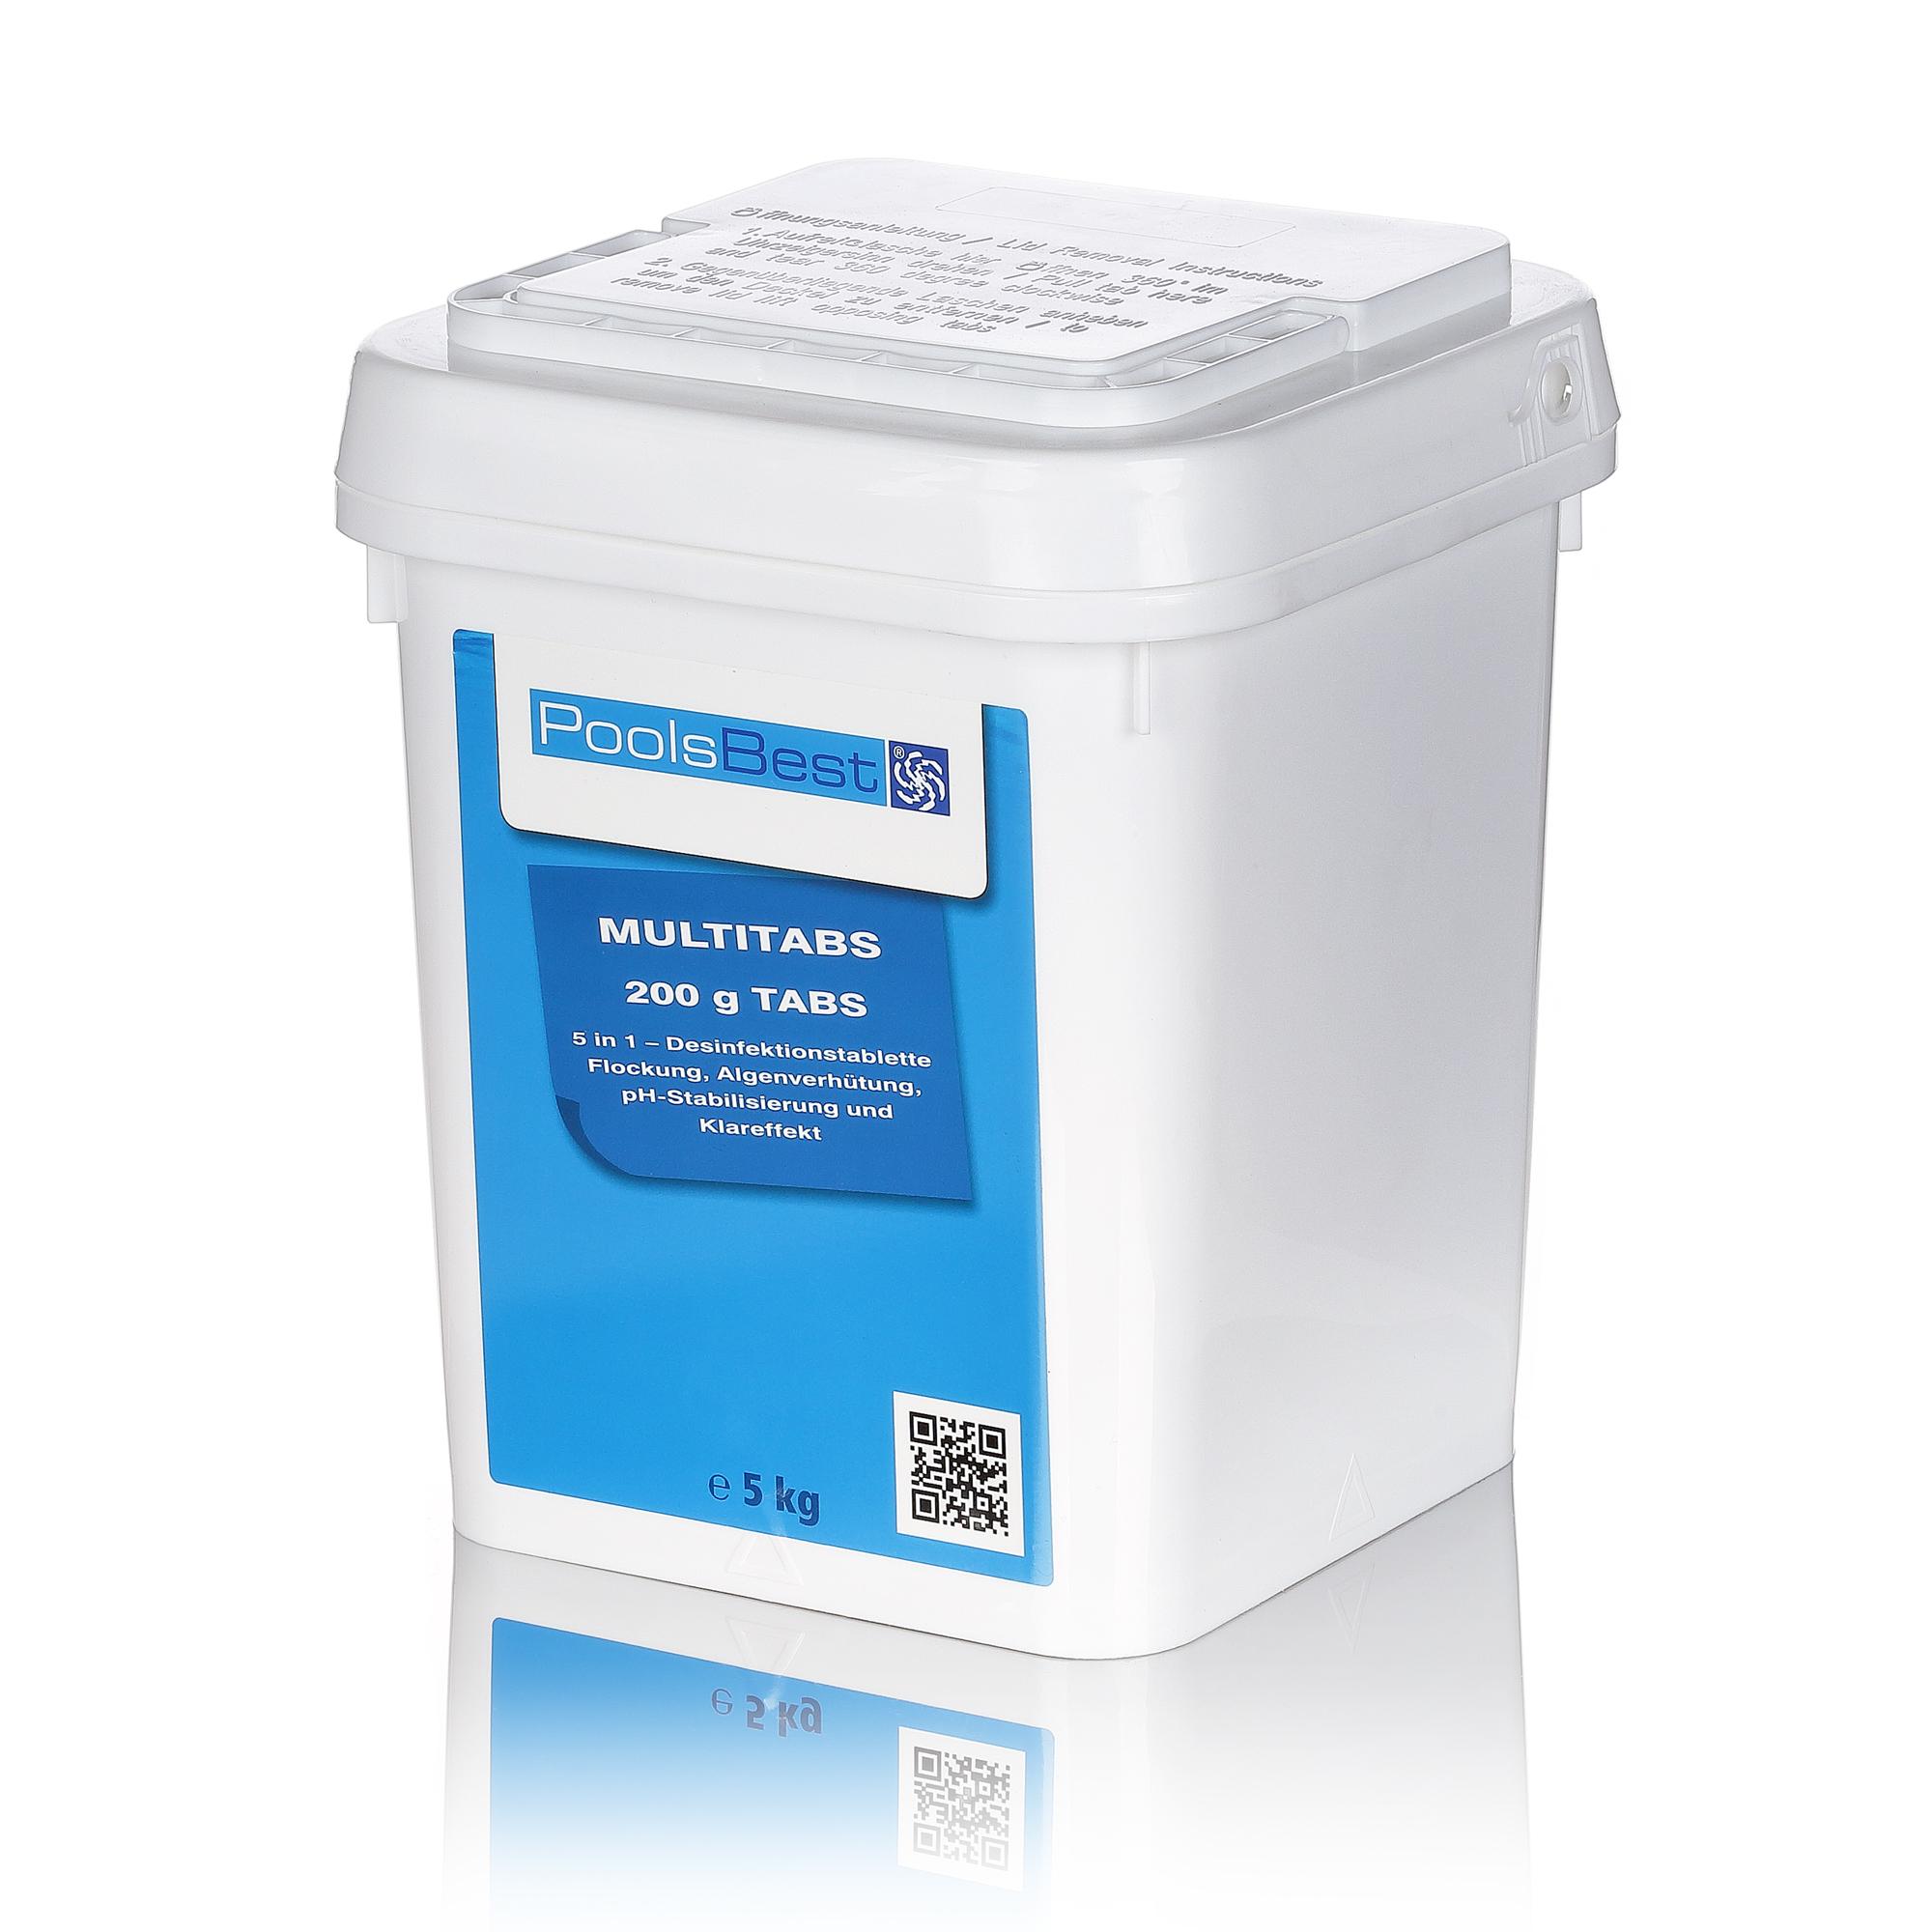 5 kg poolsbest chlor multitabs 5 in 1 200 g tabs pool chlor shop. Black Bedroom Furniture Sets. Home Design Ideas